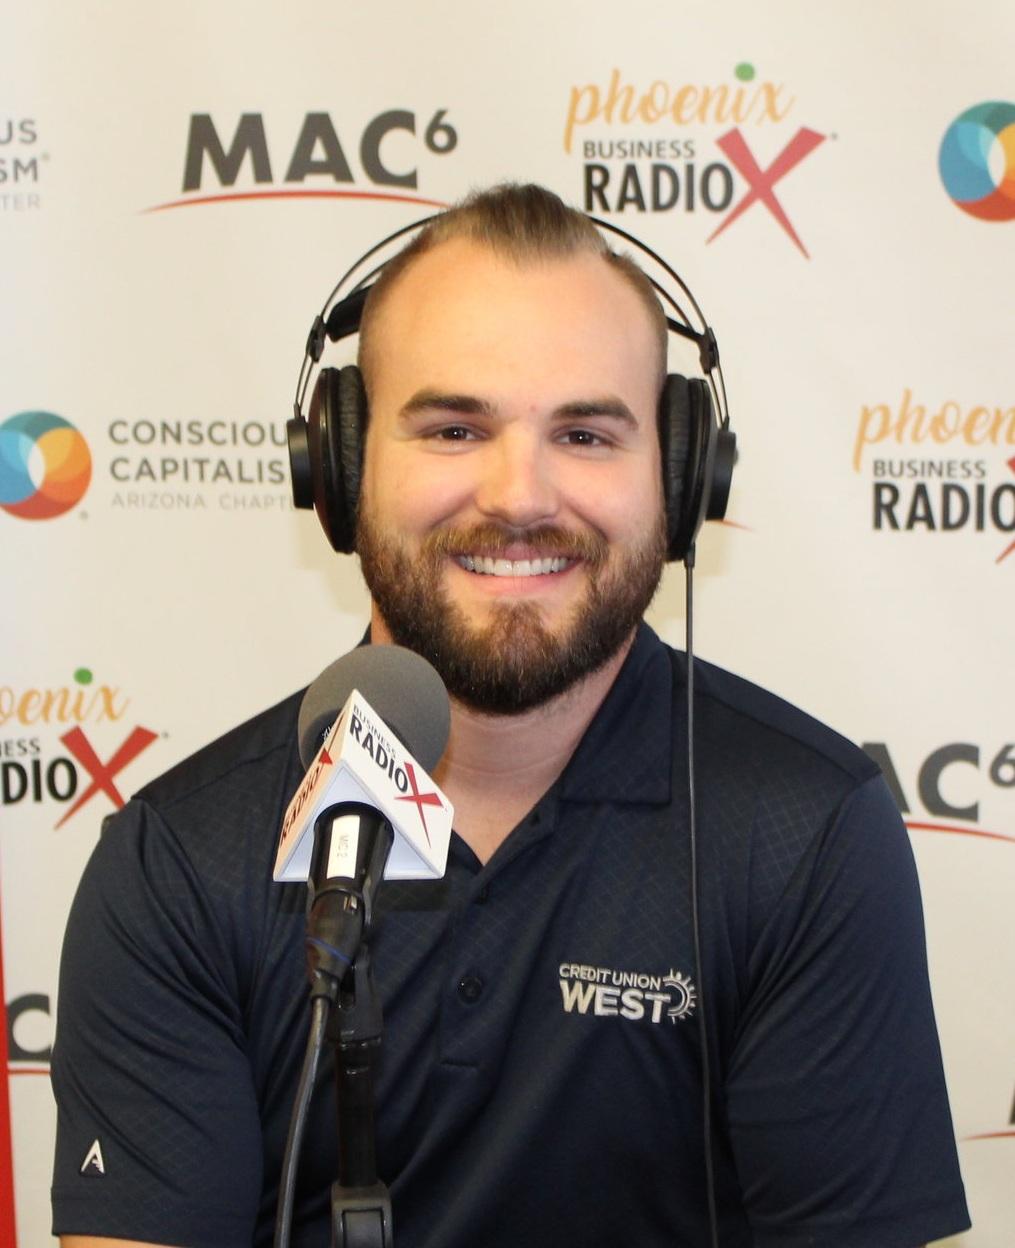 Evan-Norris-on-Phoenix-Business-RadioX.jpg